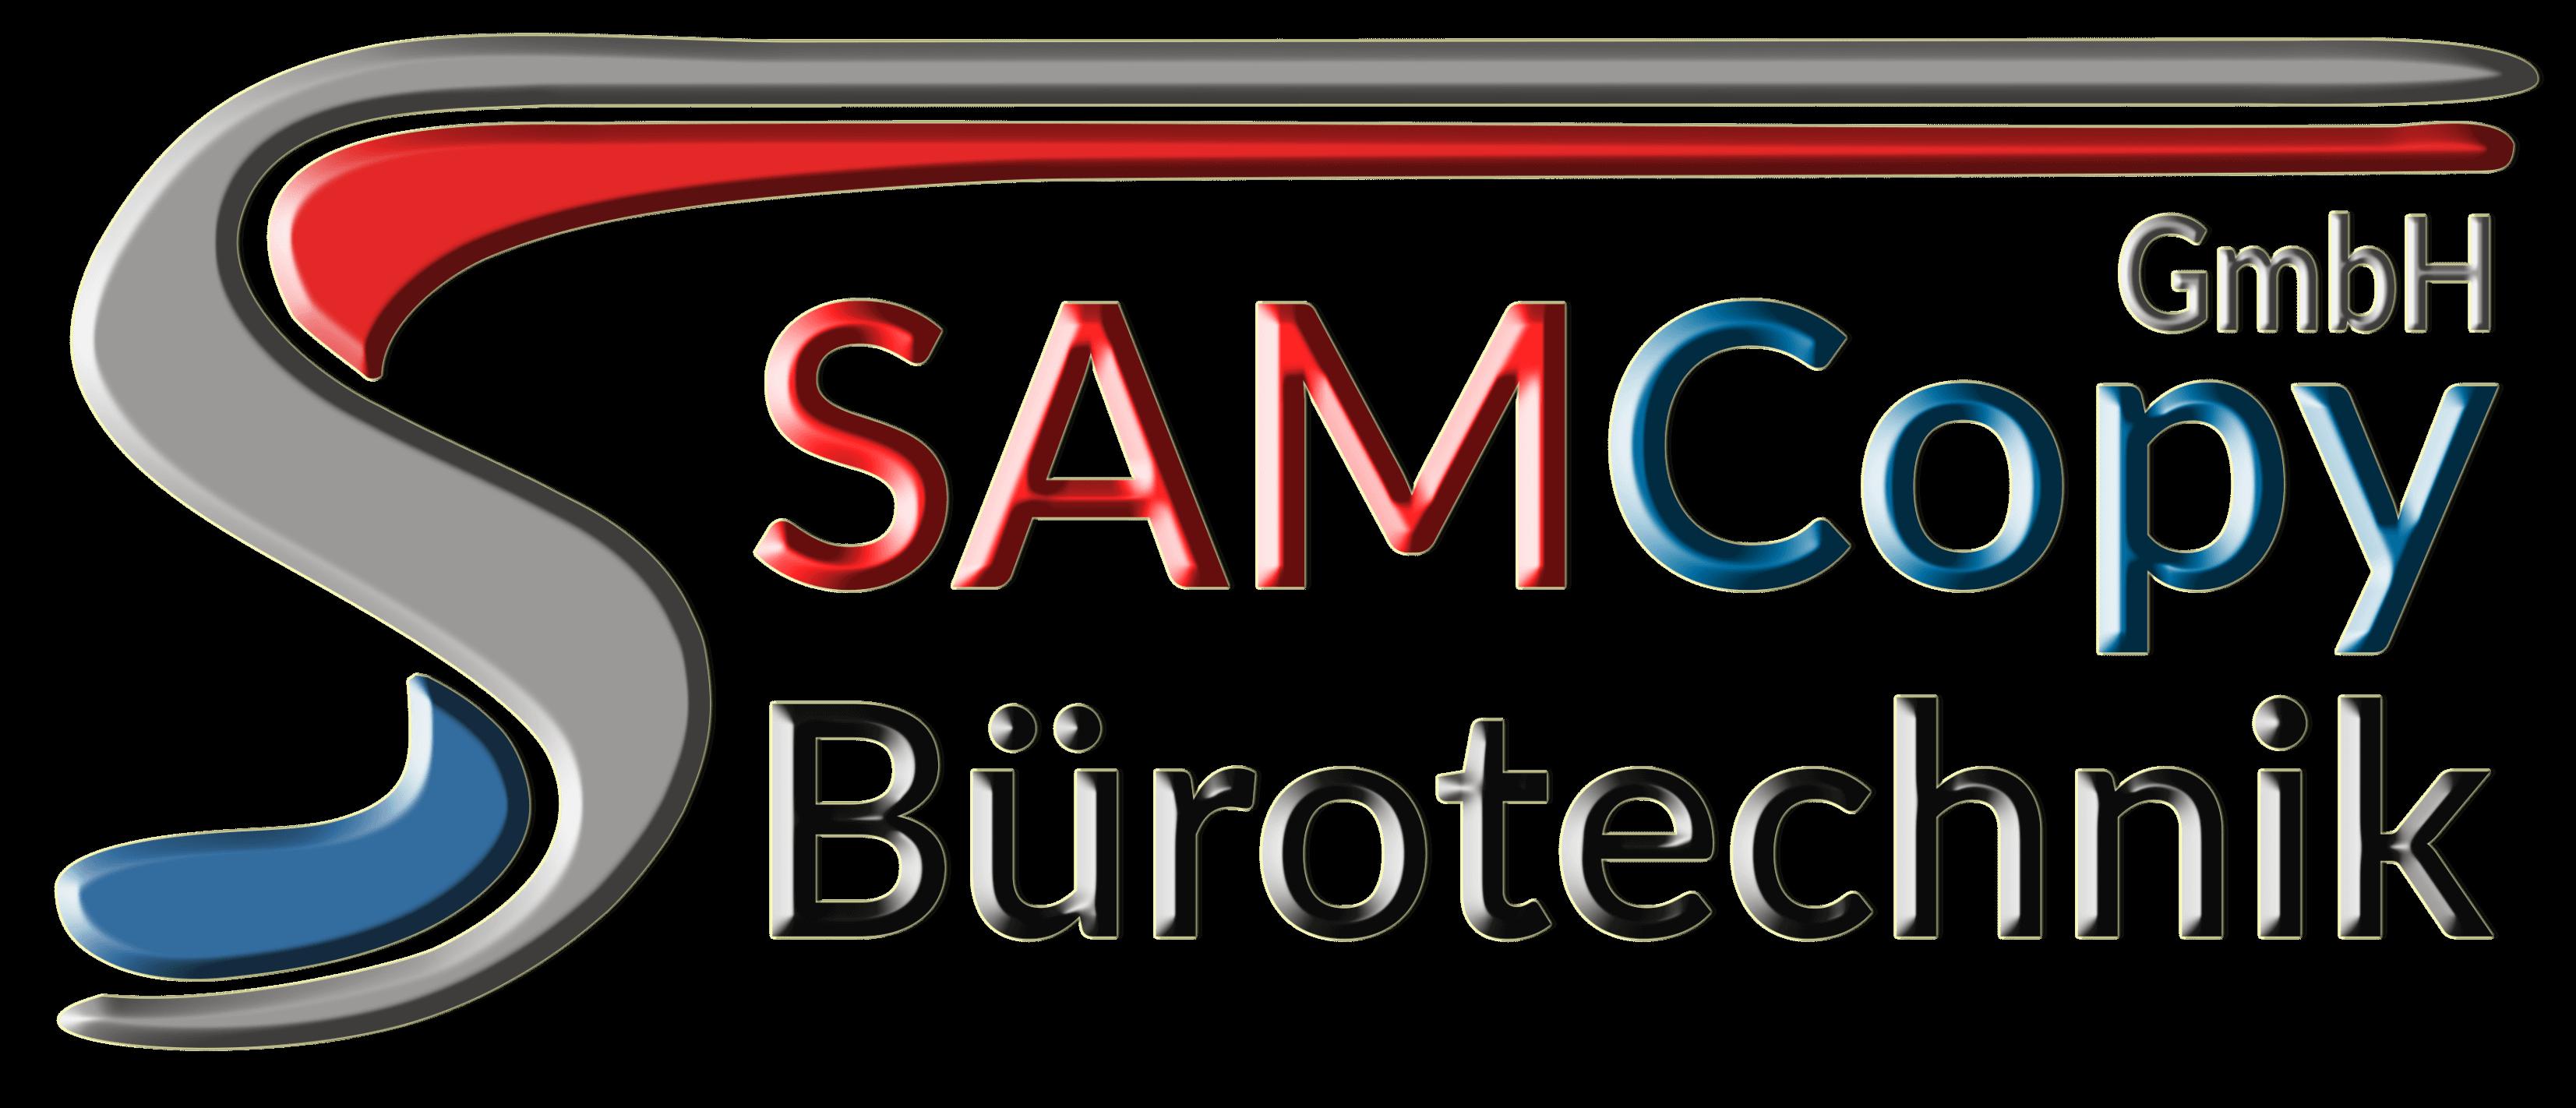 SAMCopy GmbH-Logo